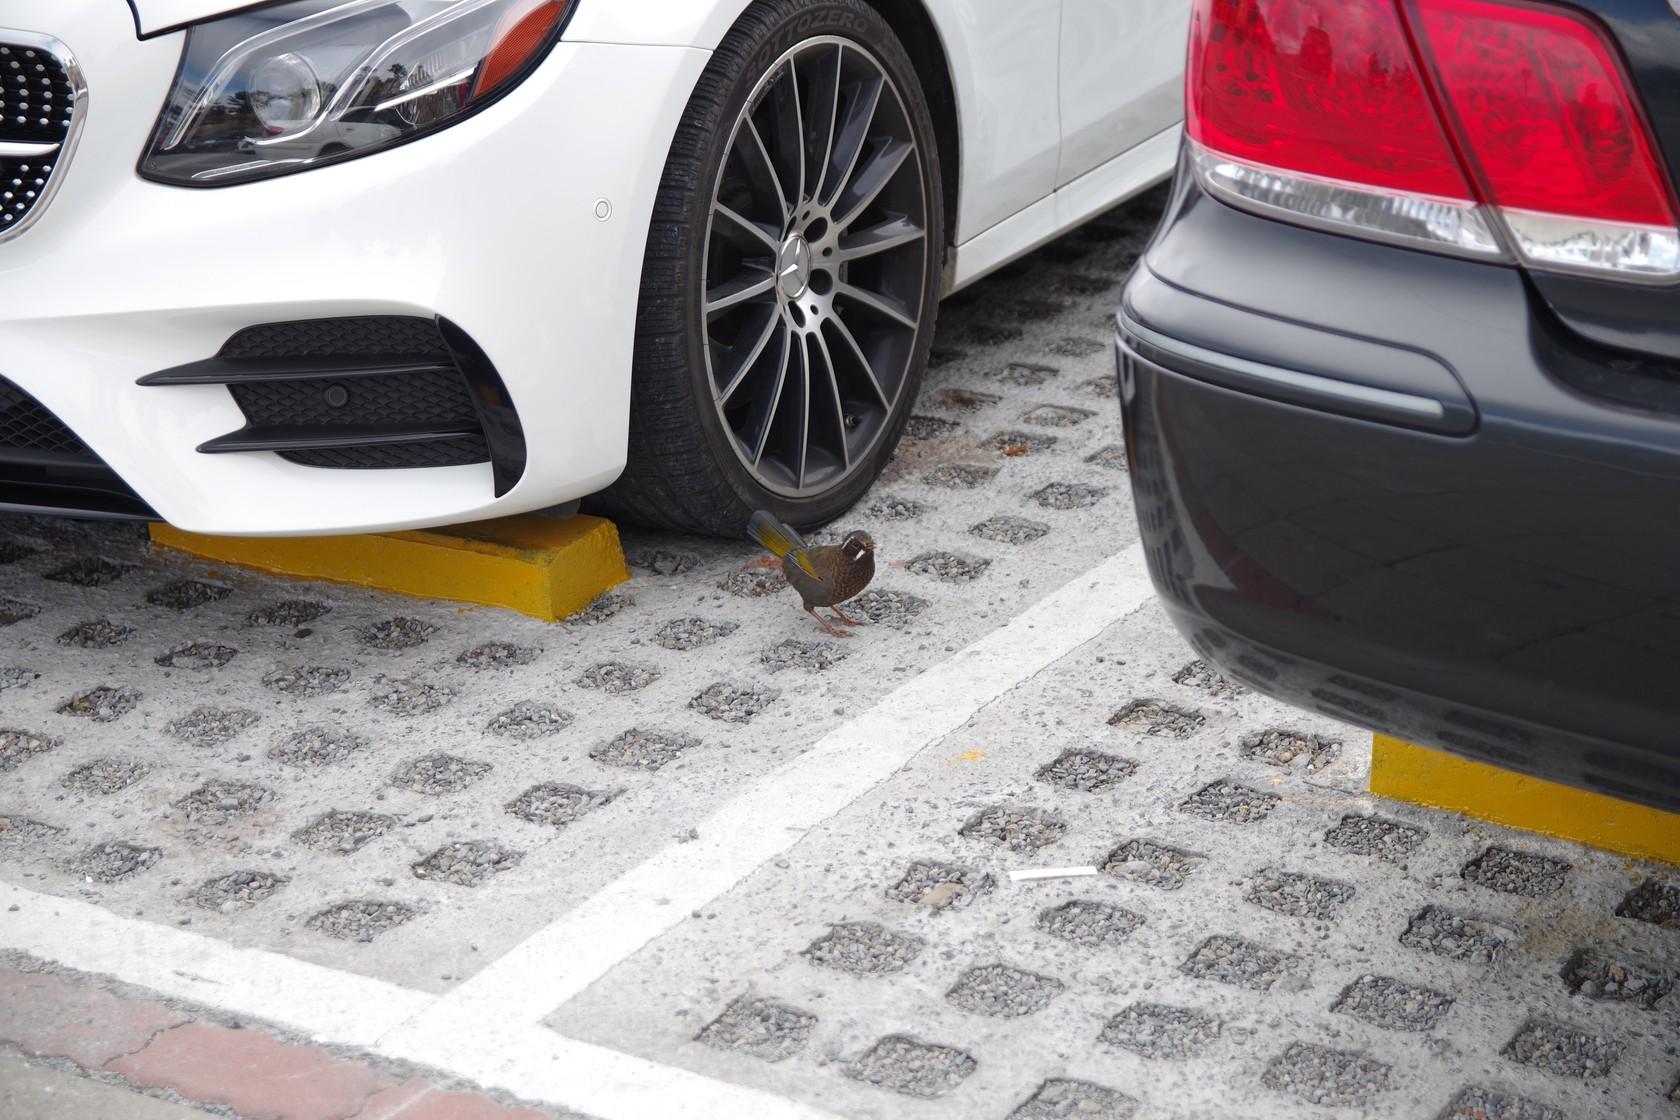 在武嶺停車場覓食的小鳥